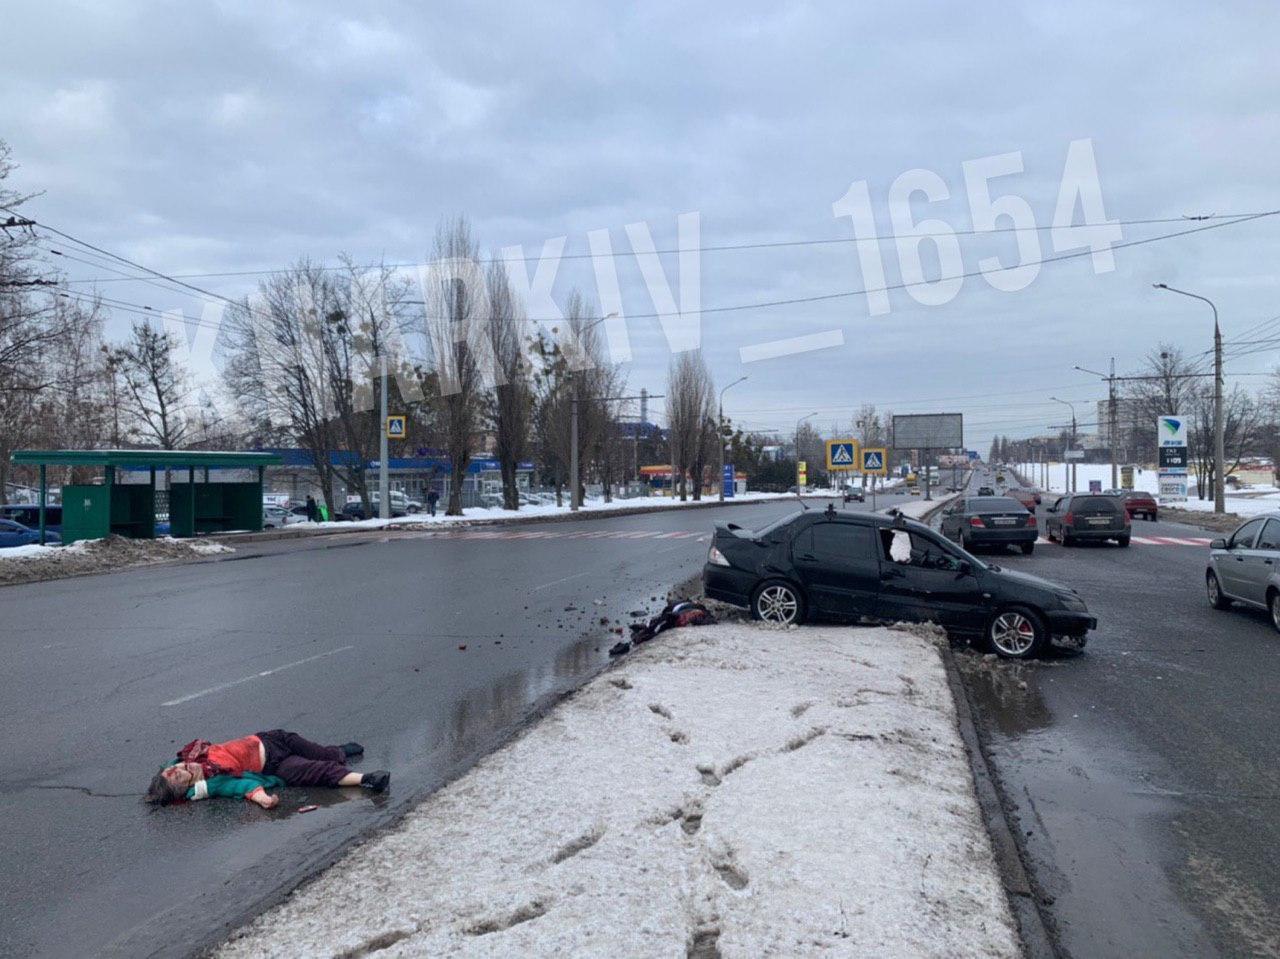 Две женщины погибли под колесами автомобиля на пешеходном переходе (видео, фото 18+)